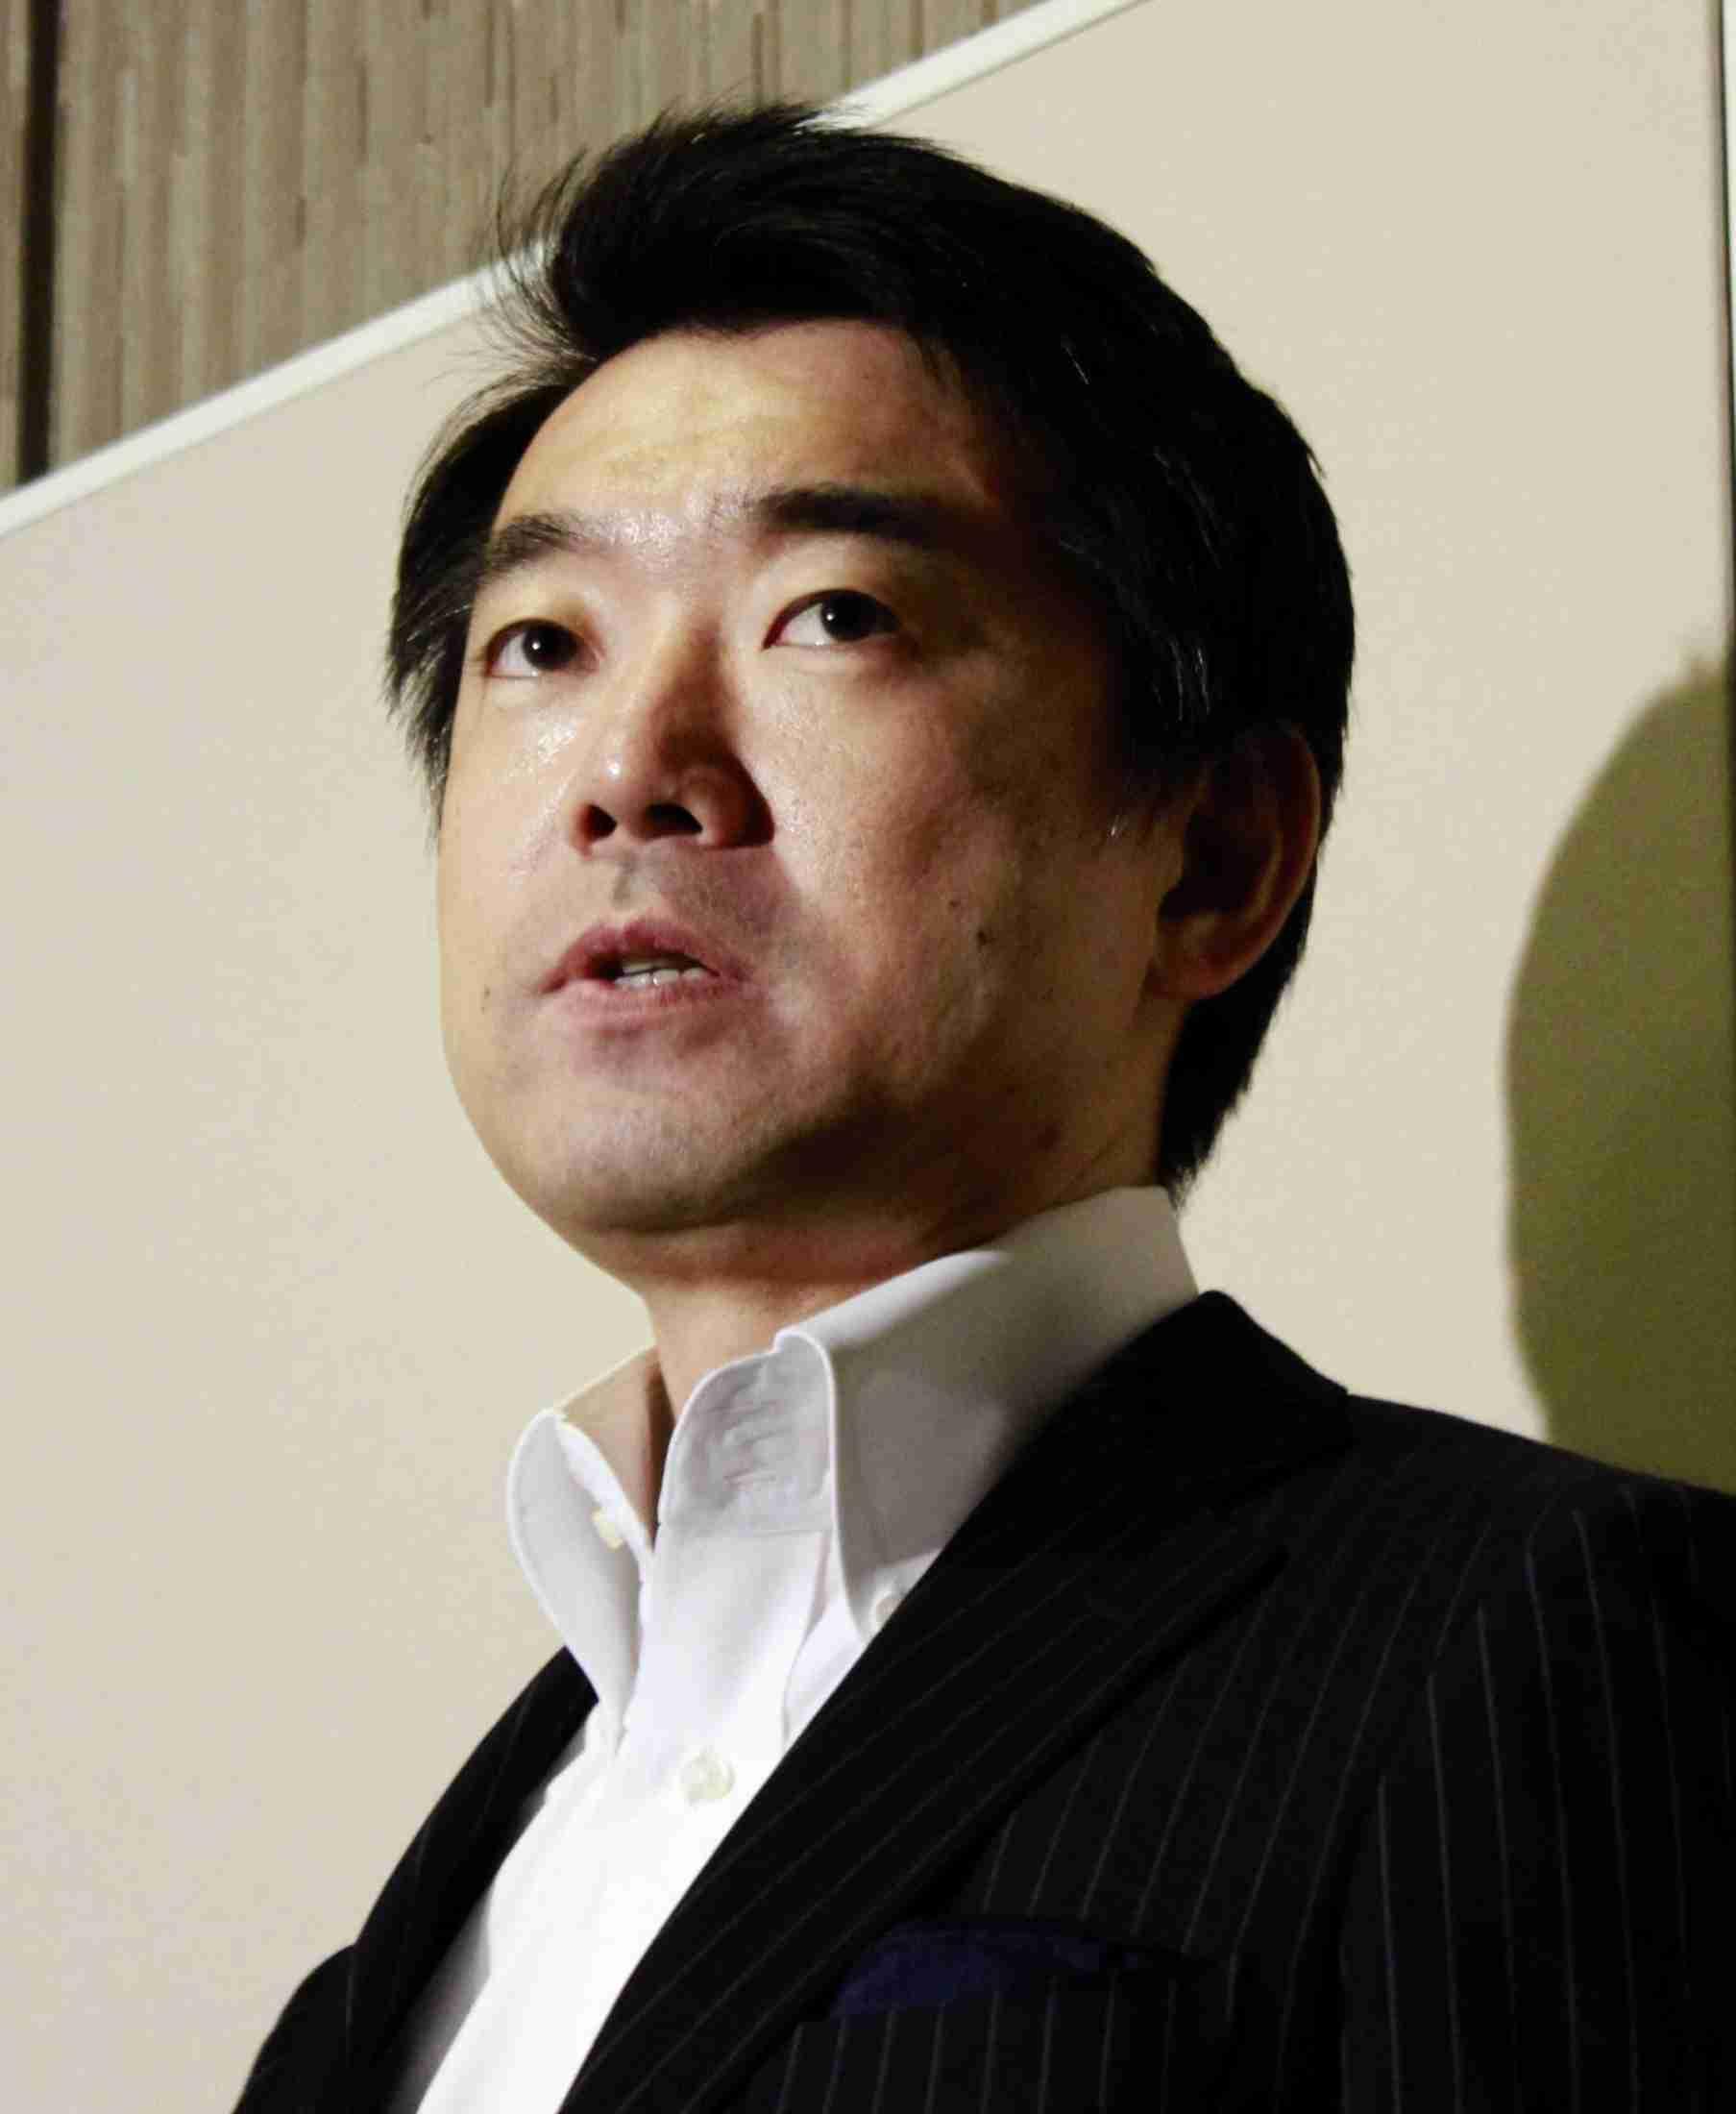 橋下氏、舛添氏反論にダメ!ダメ!「公用車は-」「警護で-」 (デイリースポーツ) - Yahoo!ニュース